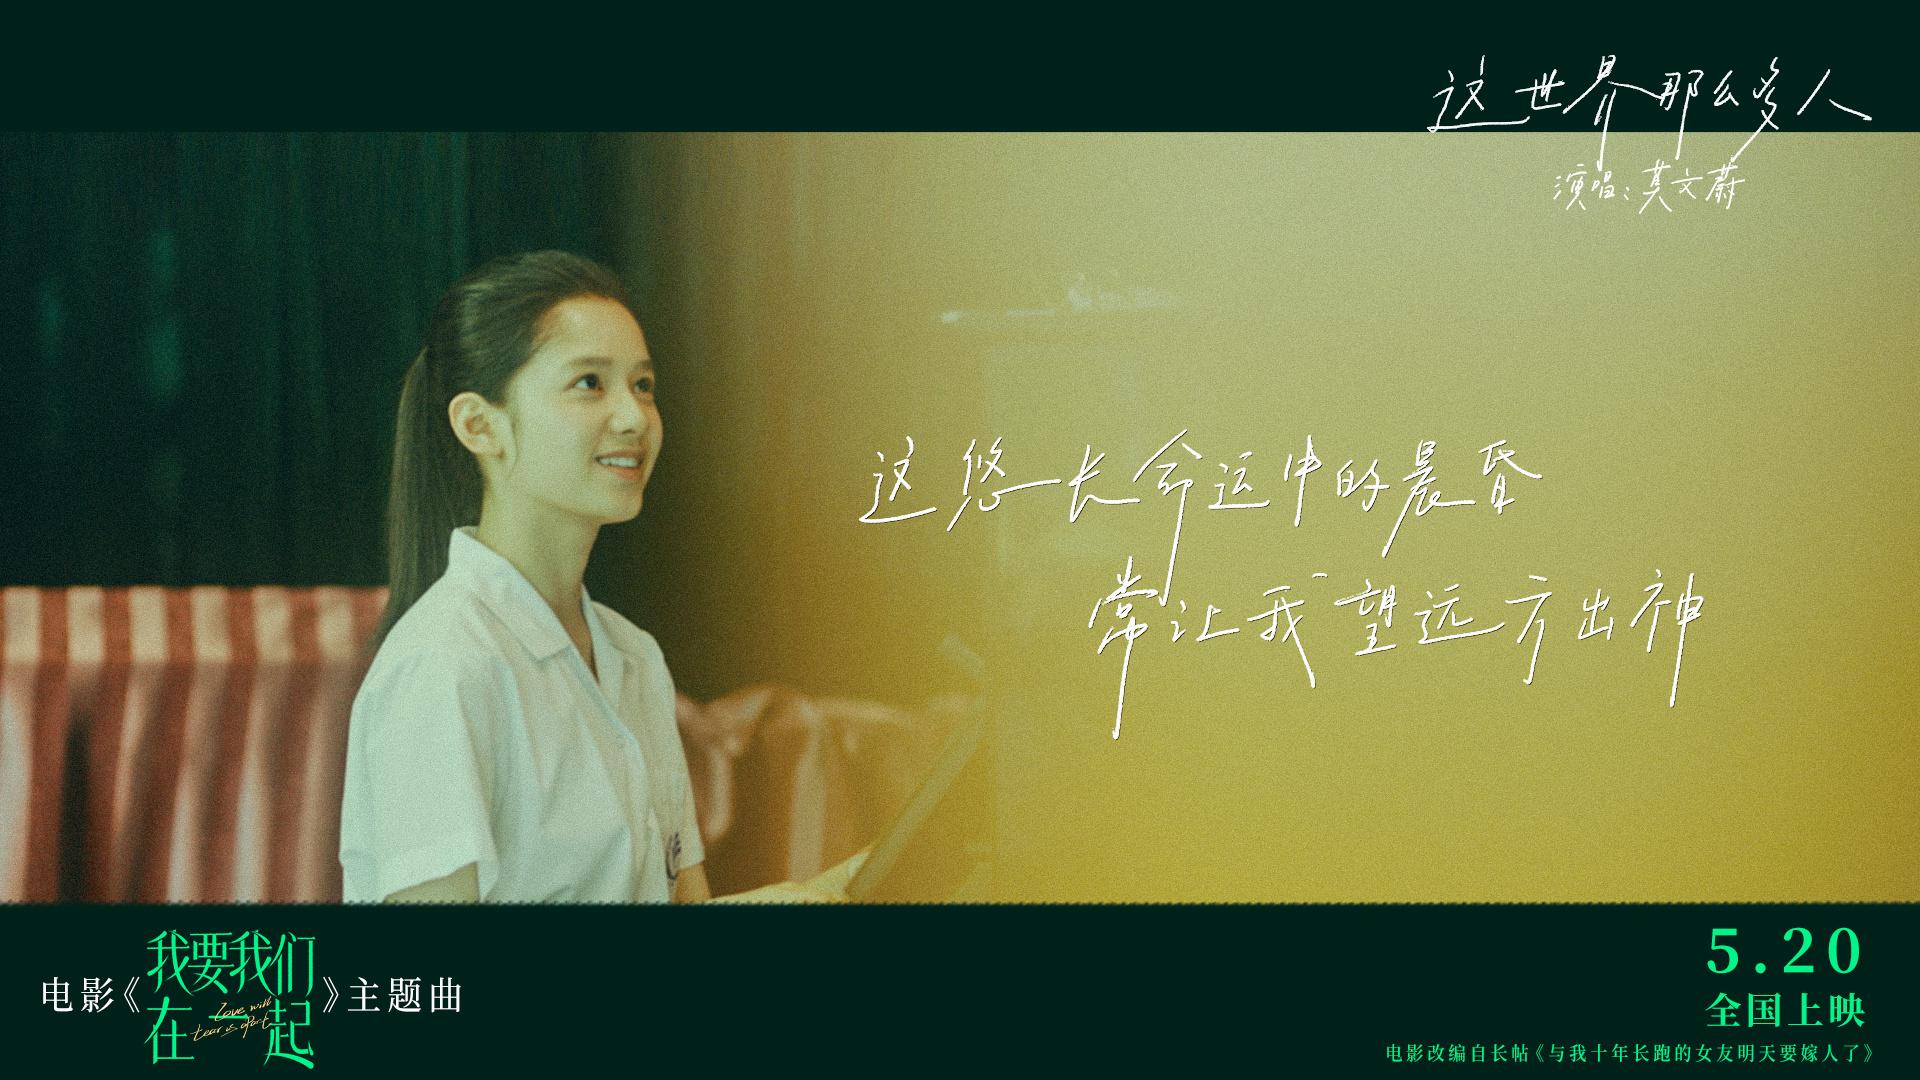 张婧仪《我要我们在一起》今日释出主题曲MV 莫文蔚倾情献唱